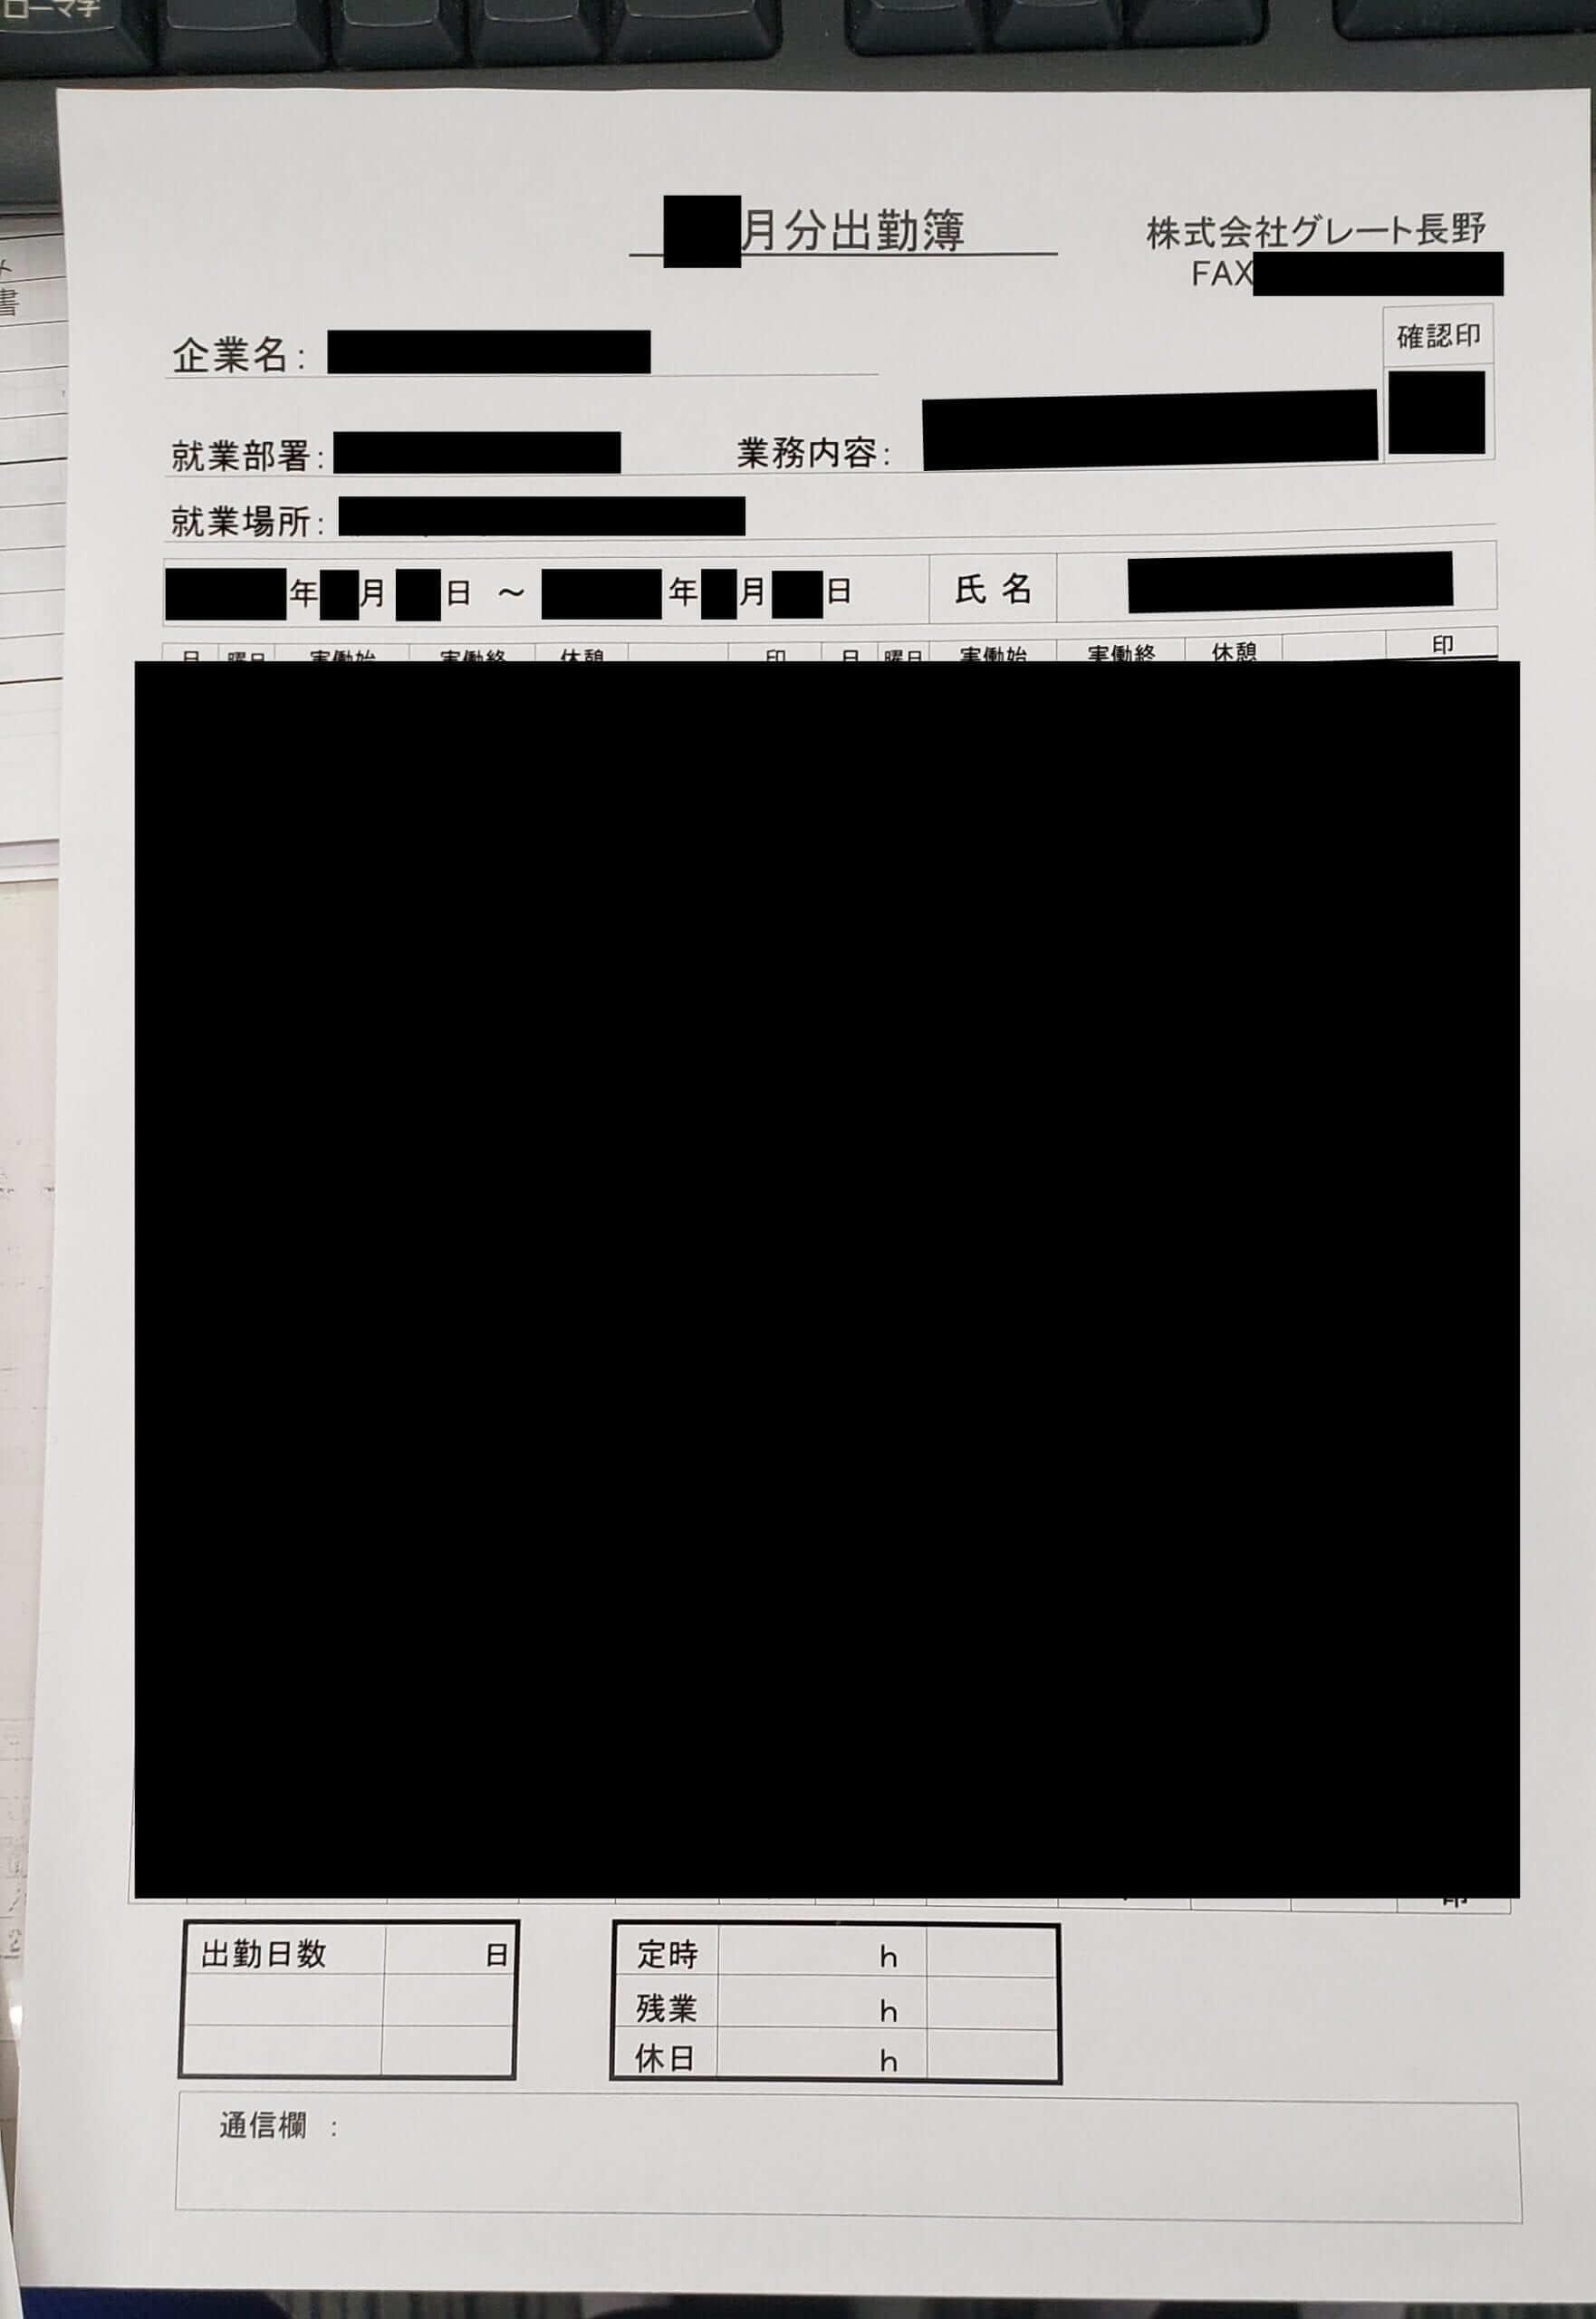 株式会社グレート長野